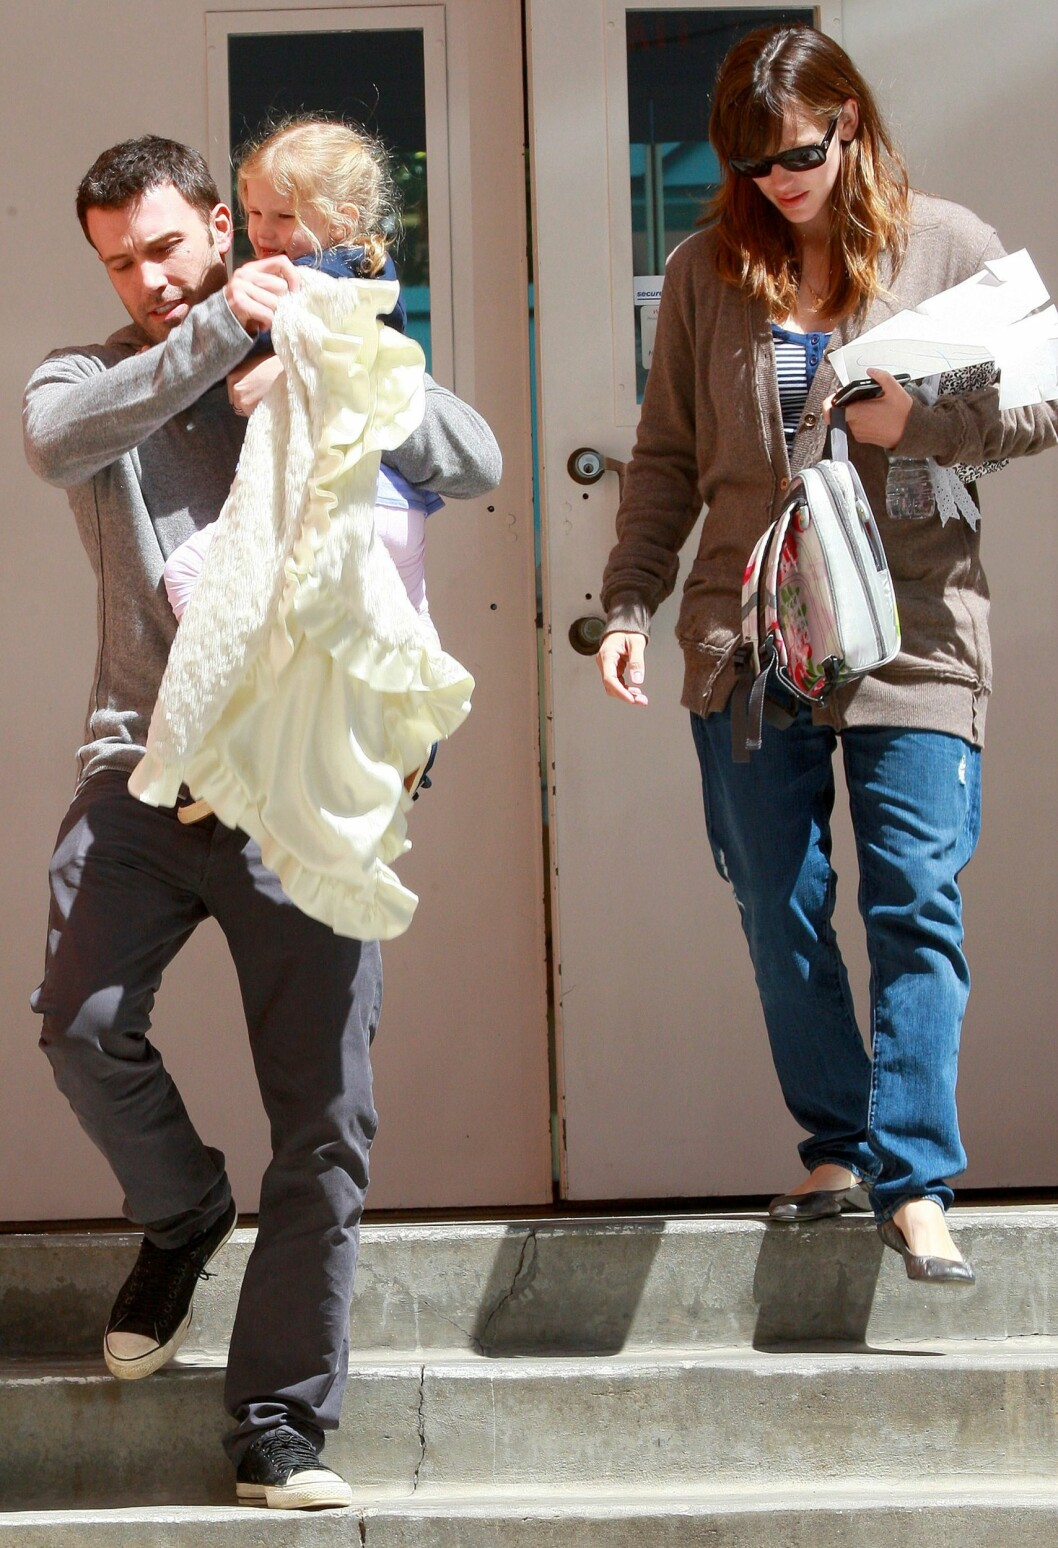 <strong>VÅREN 2009:</strong> Ben Affleck og Jennifer Garner sammen med sin førstefødte, datteren Violet.  Foto: WENN.com